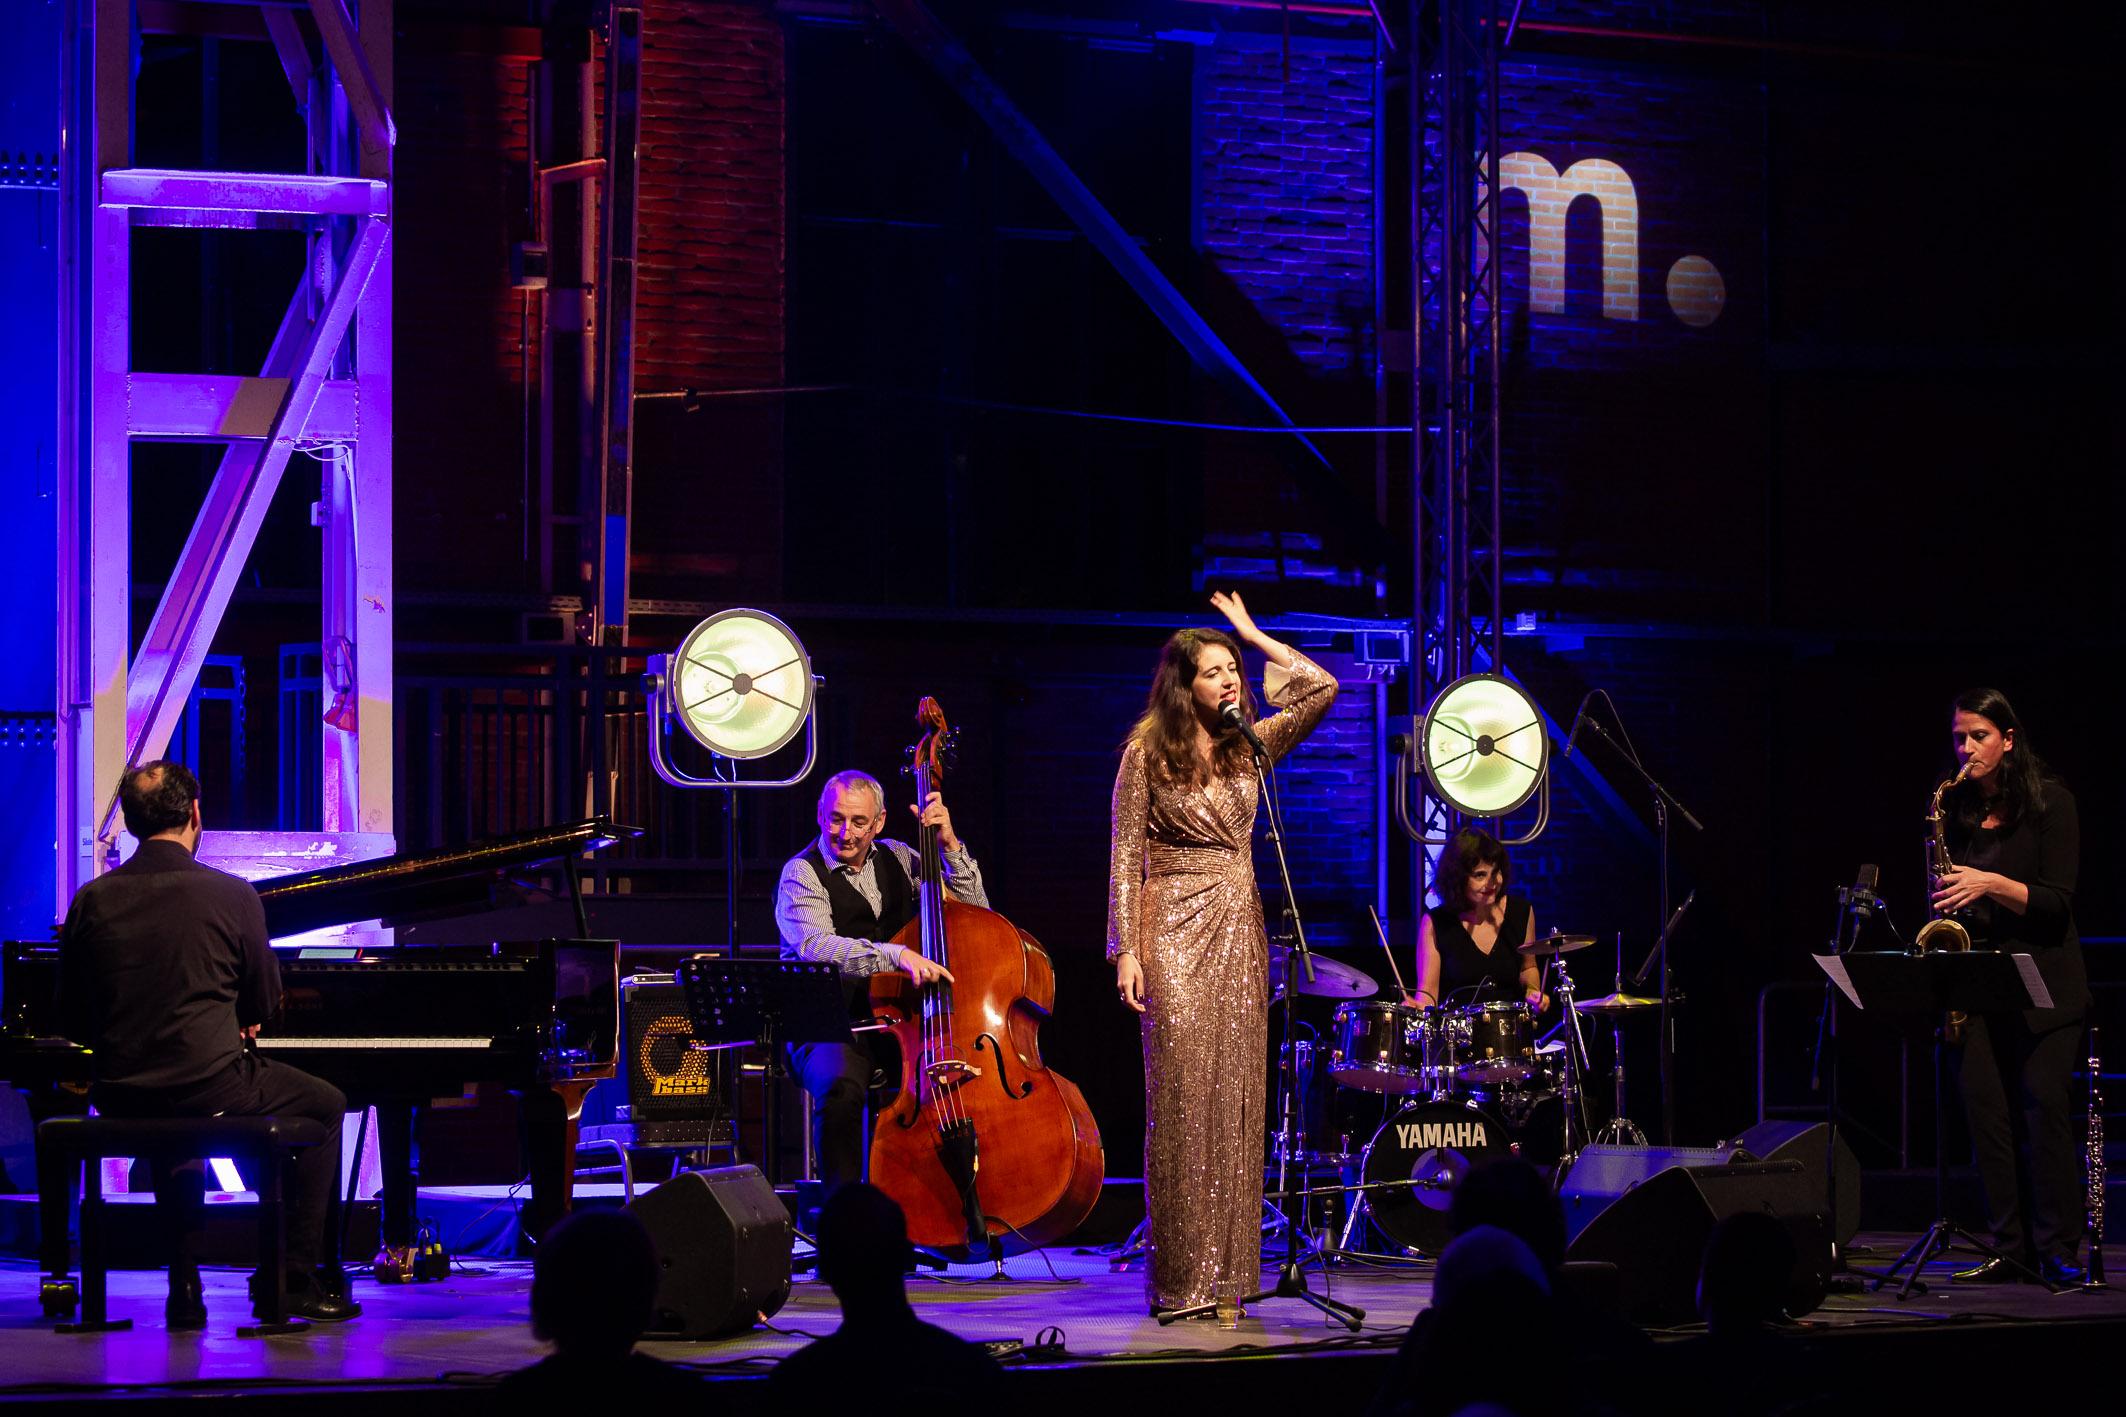 Ethel Merhaut & Quartett (c) Helge Krückeberg